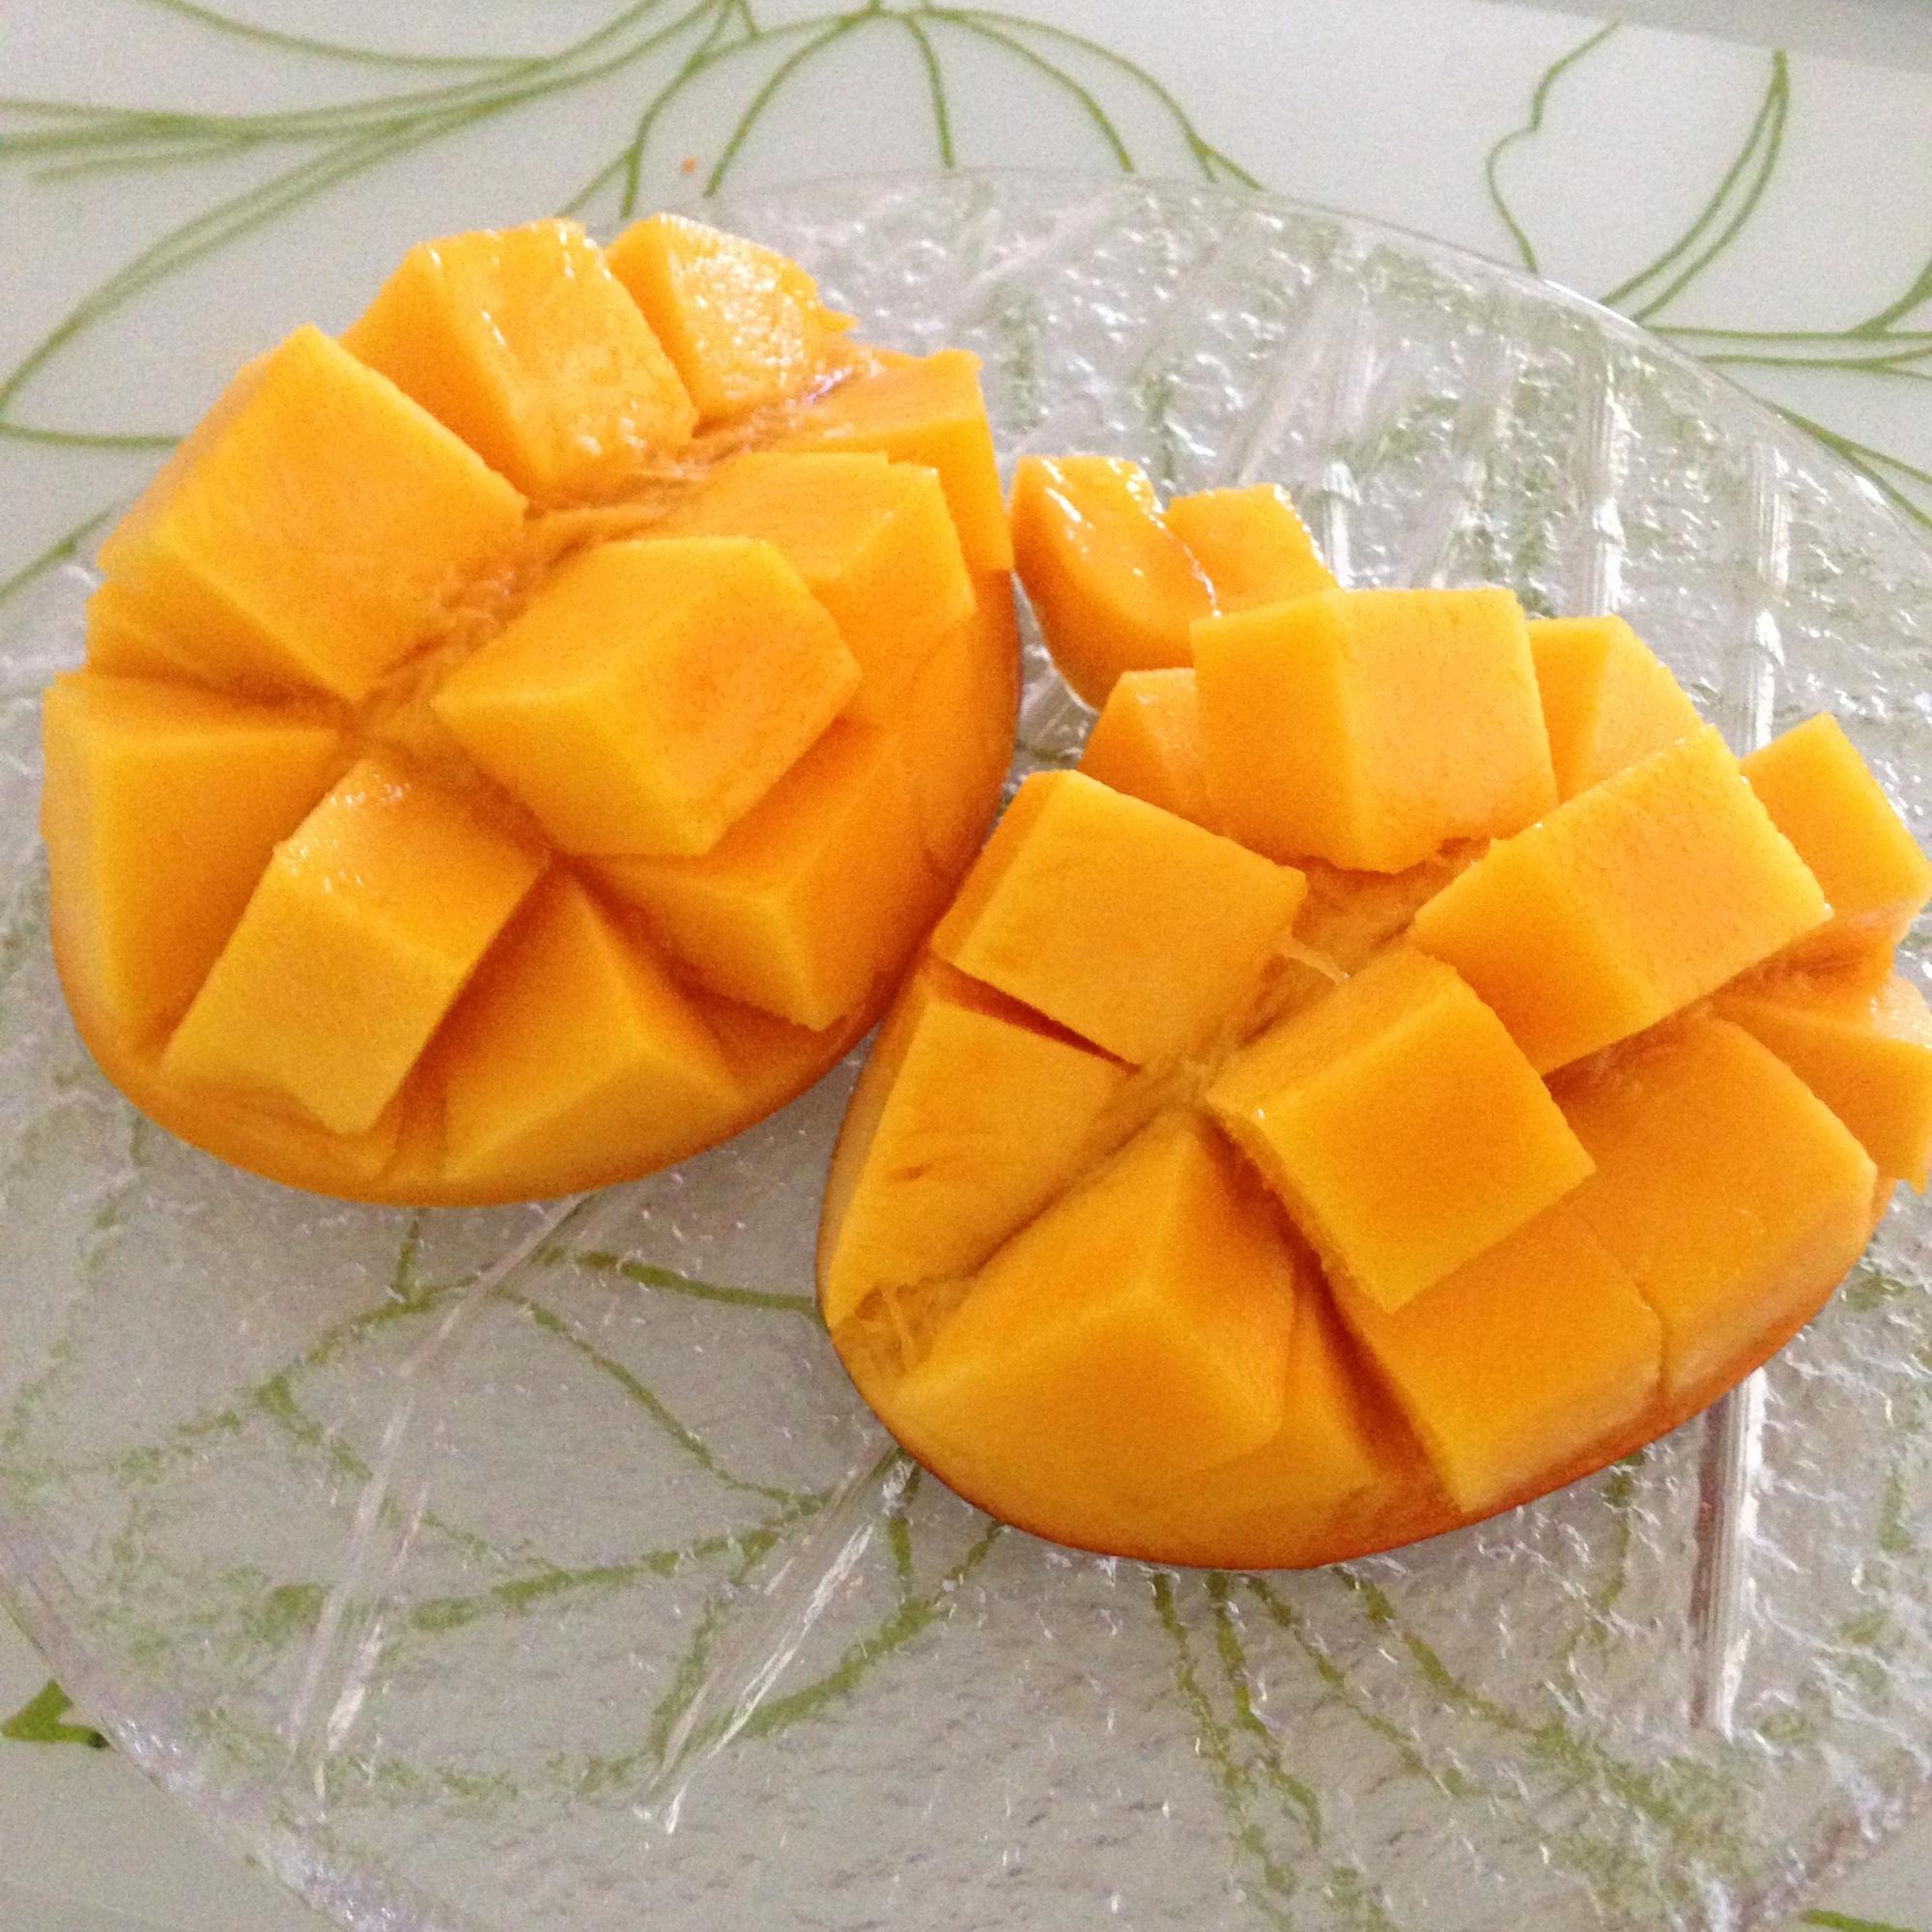 大きめのマンゴーは、憧れの花咲カットに!